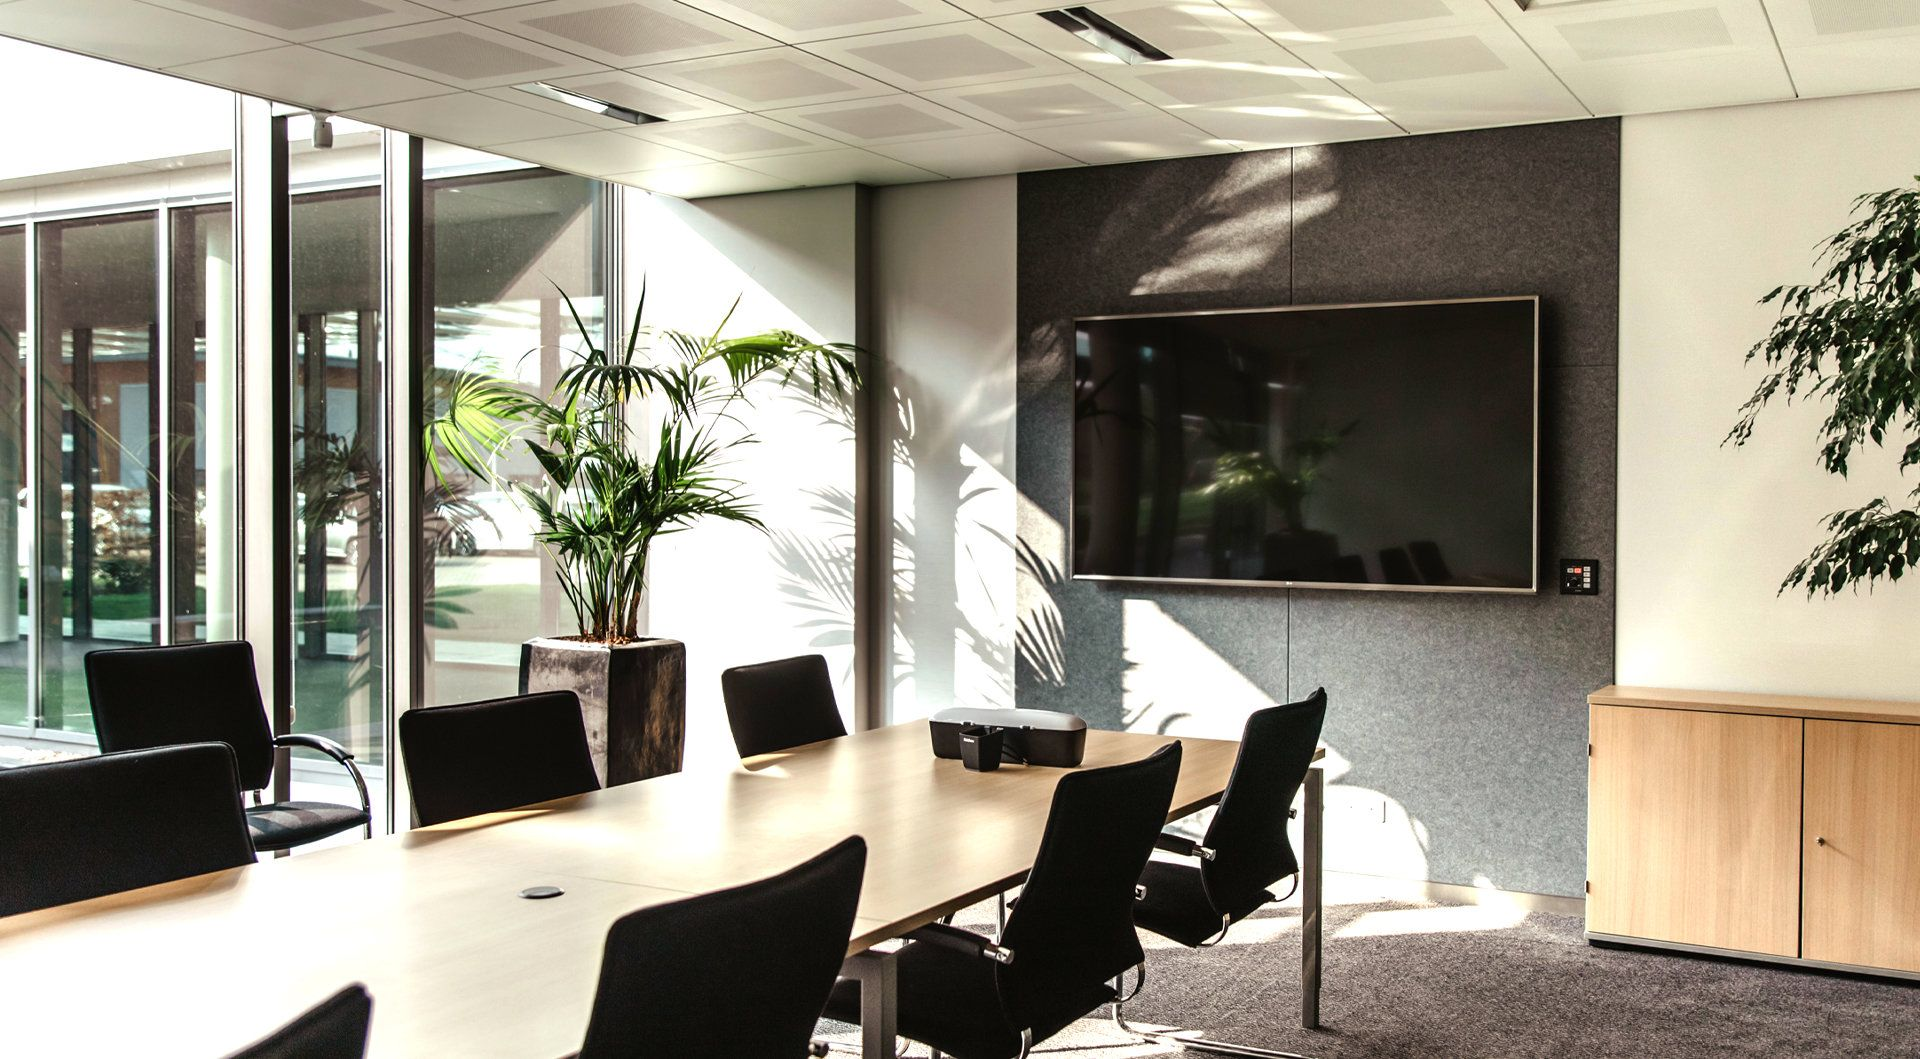 """Conen Mounts SCETAV flat panel vloer standaard 2,54 m (100"""") Draagbare flatscreen vloerstandaard Zwart, Zilver, Wit - Case studie de vries"""